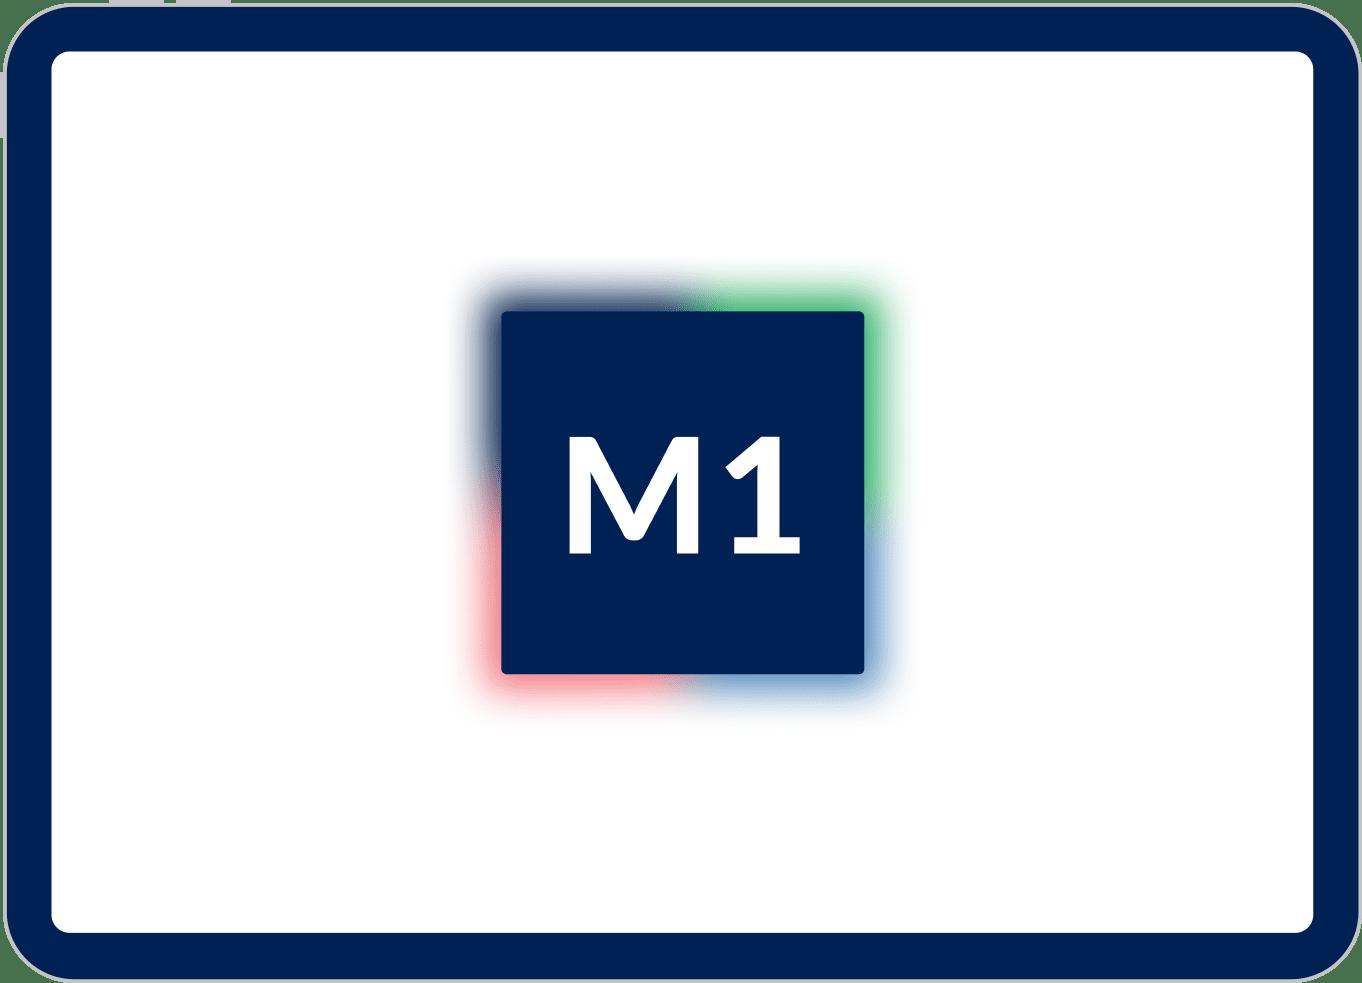 Mock Up von iPad Pro mit M1 chip